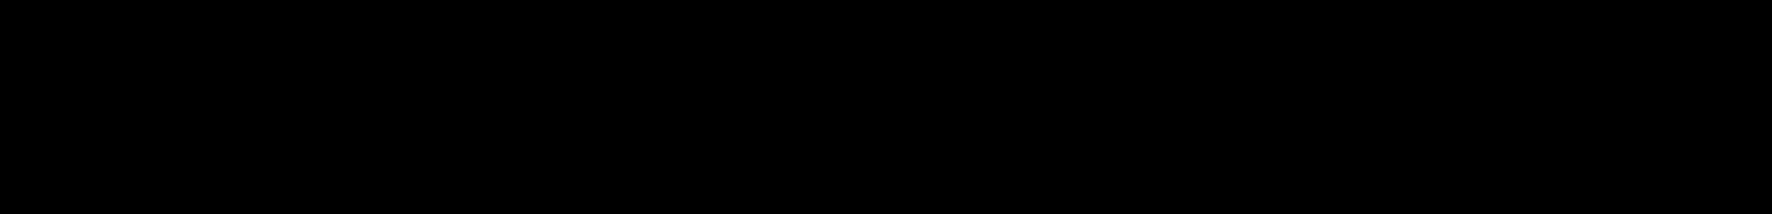 Rutger van Geelen